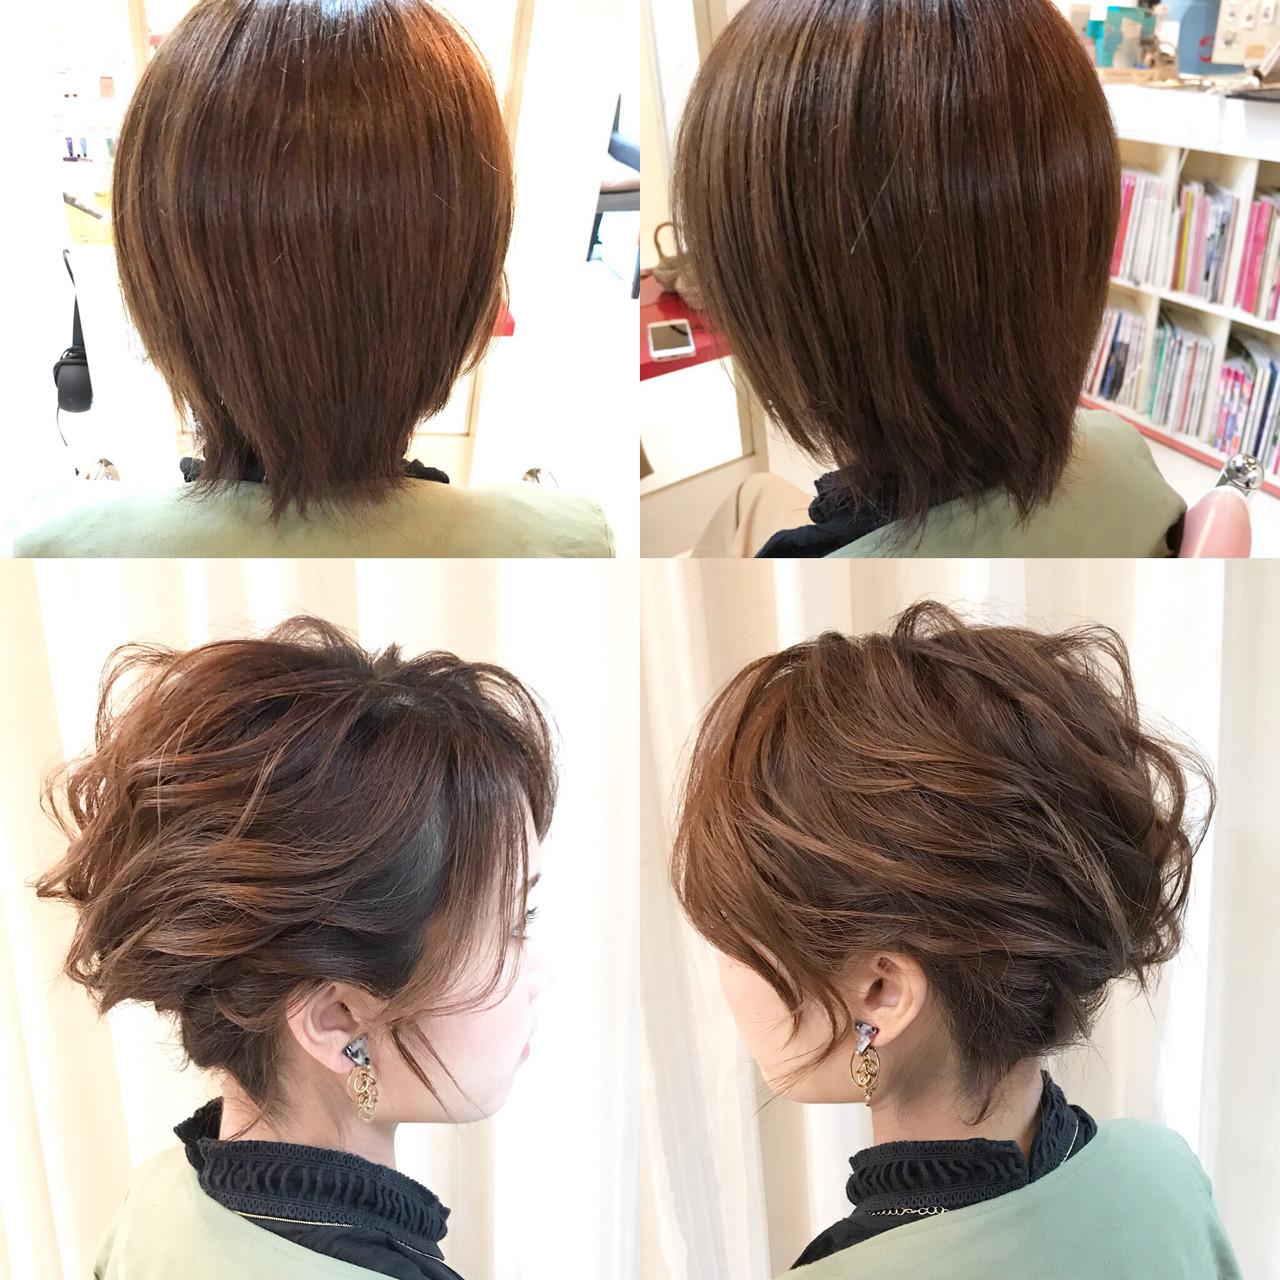 ナチュラル ヘアアレンジ 涼しげ 簡単ヘアアレンジ ヘアスタイルや髪型の写真・画像